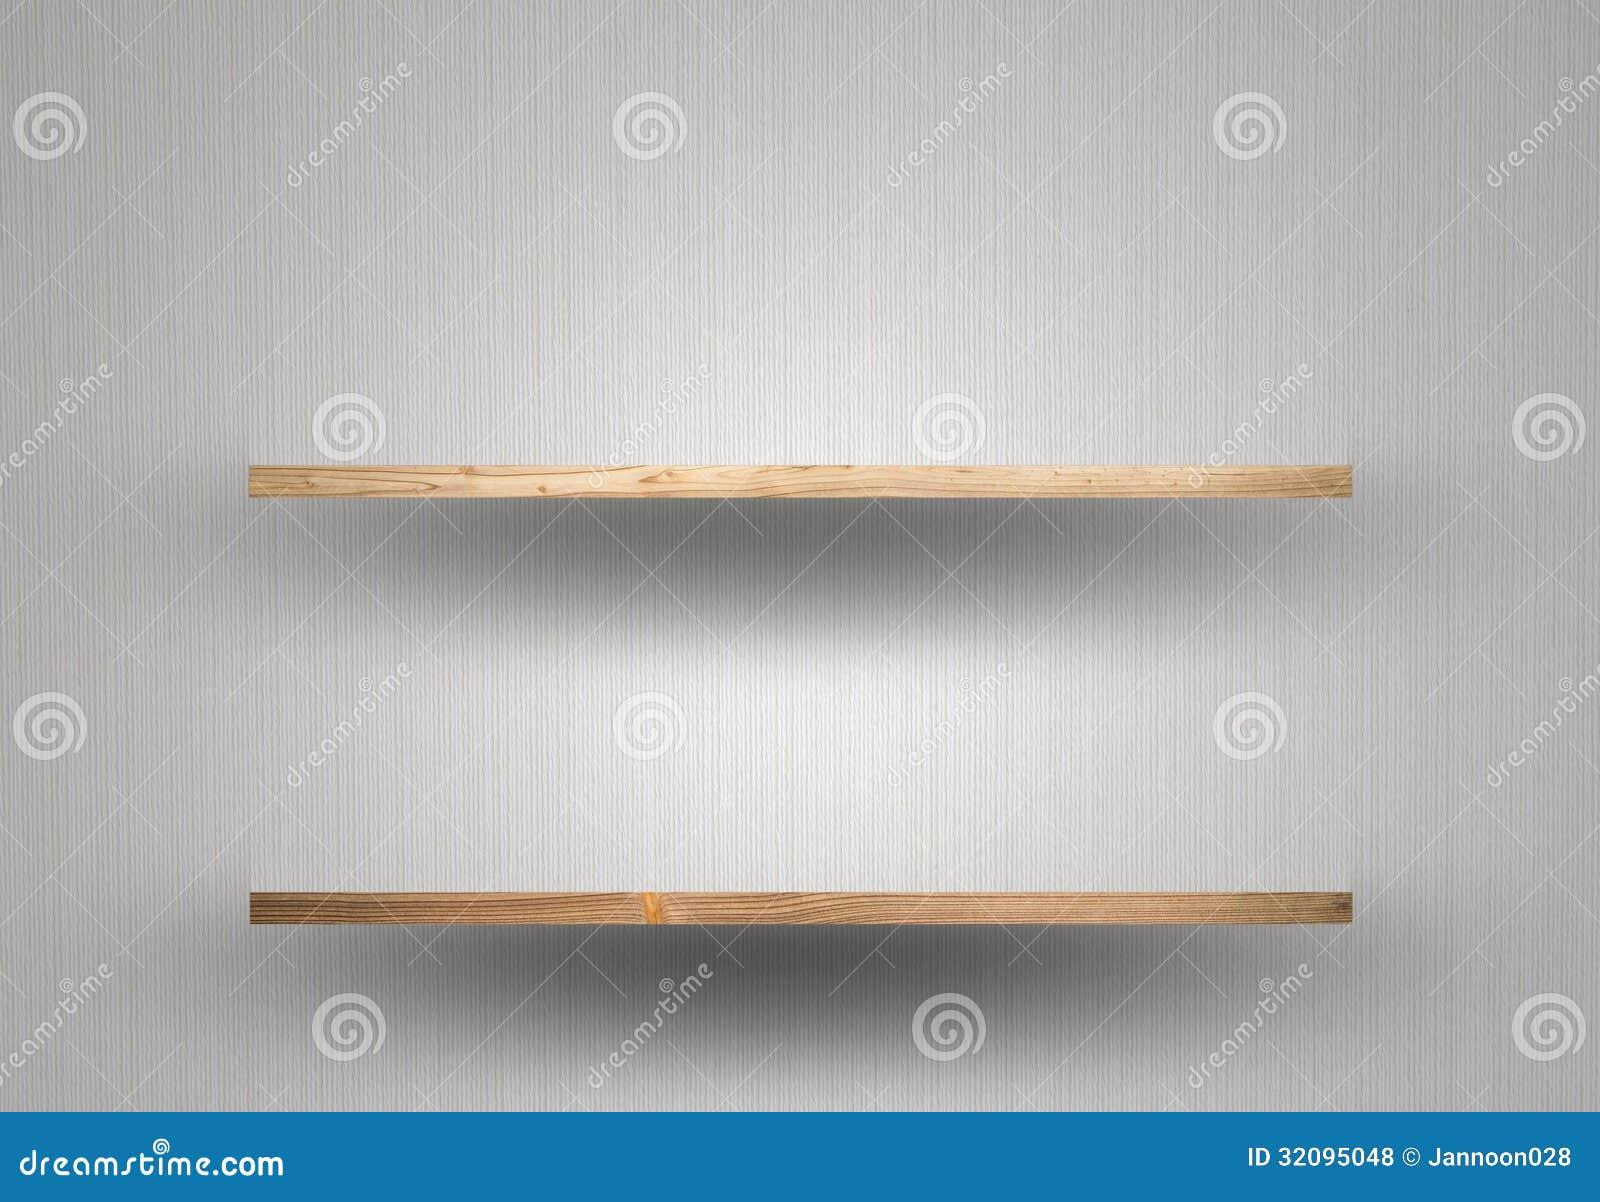 Plankje Voor Aan De Muur.Plank Aan Muur Sgm01 Agneswamu